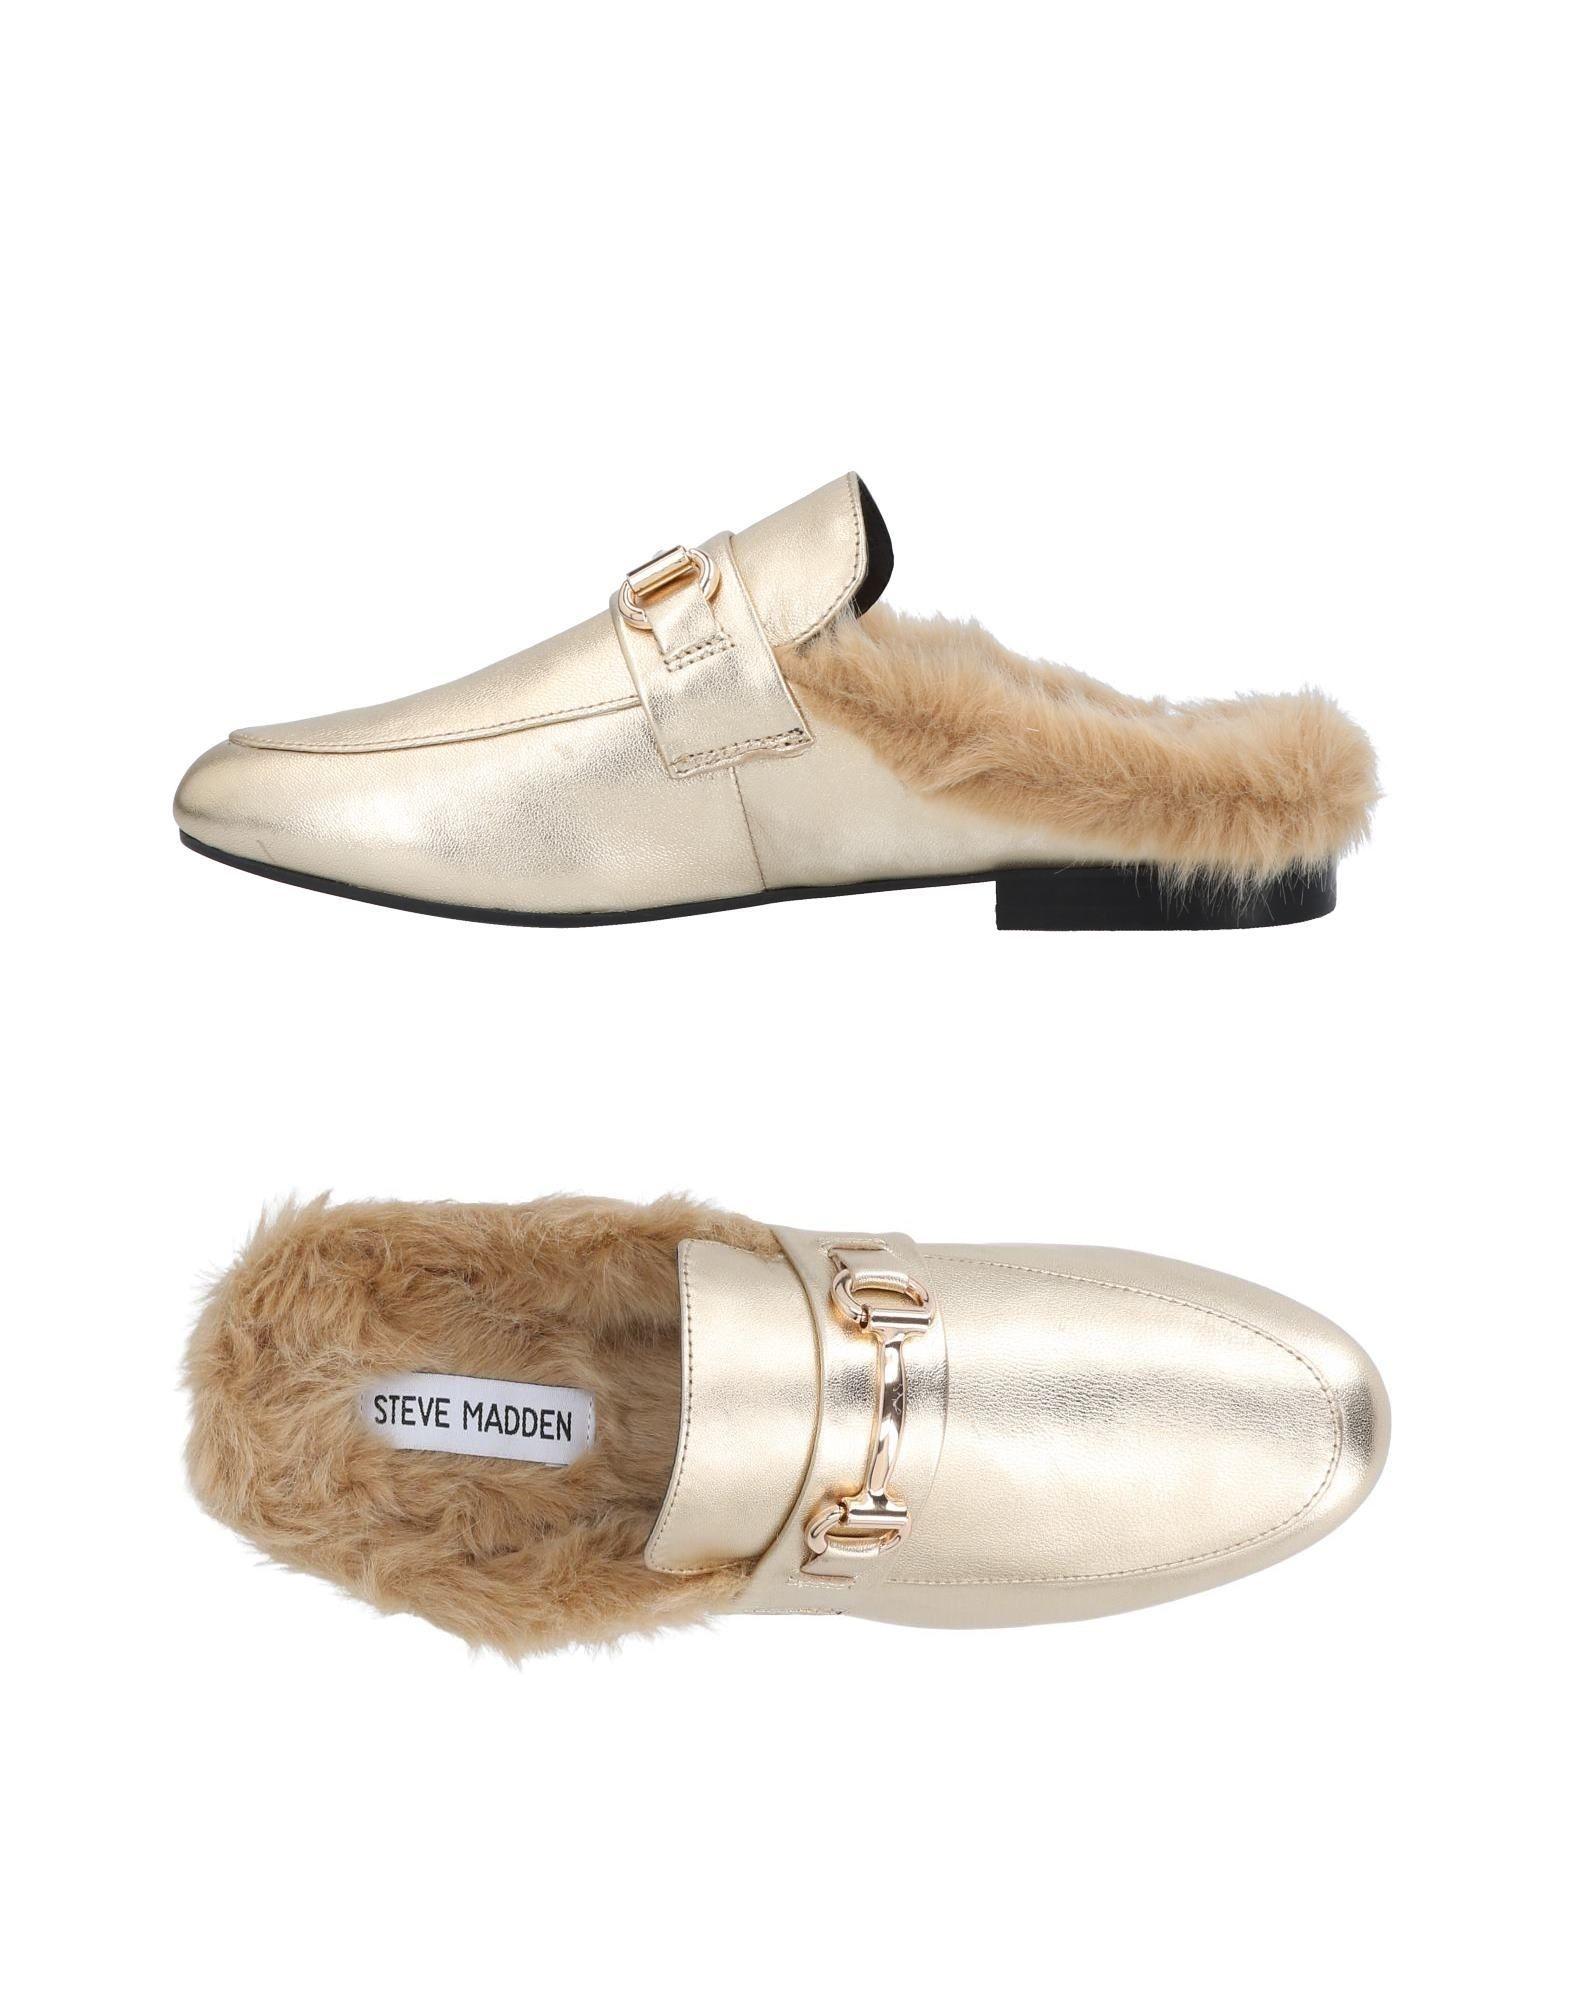 Steve Madden Pantoletten Damen  11467305QV Gute Qualität beliebte Schuhe